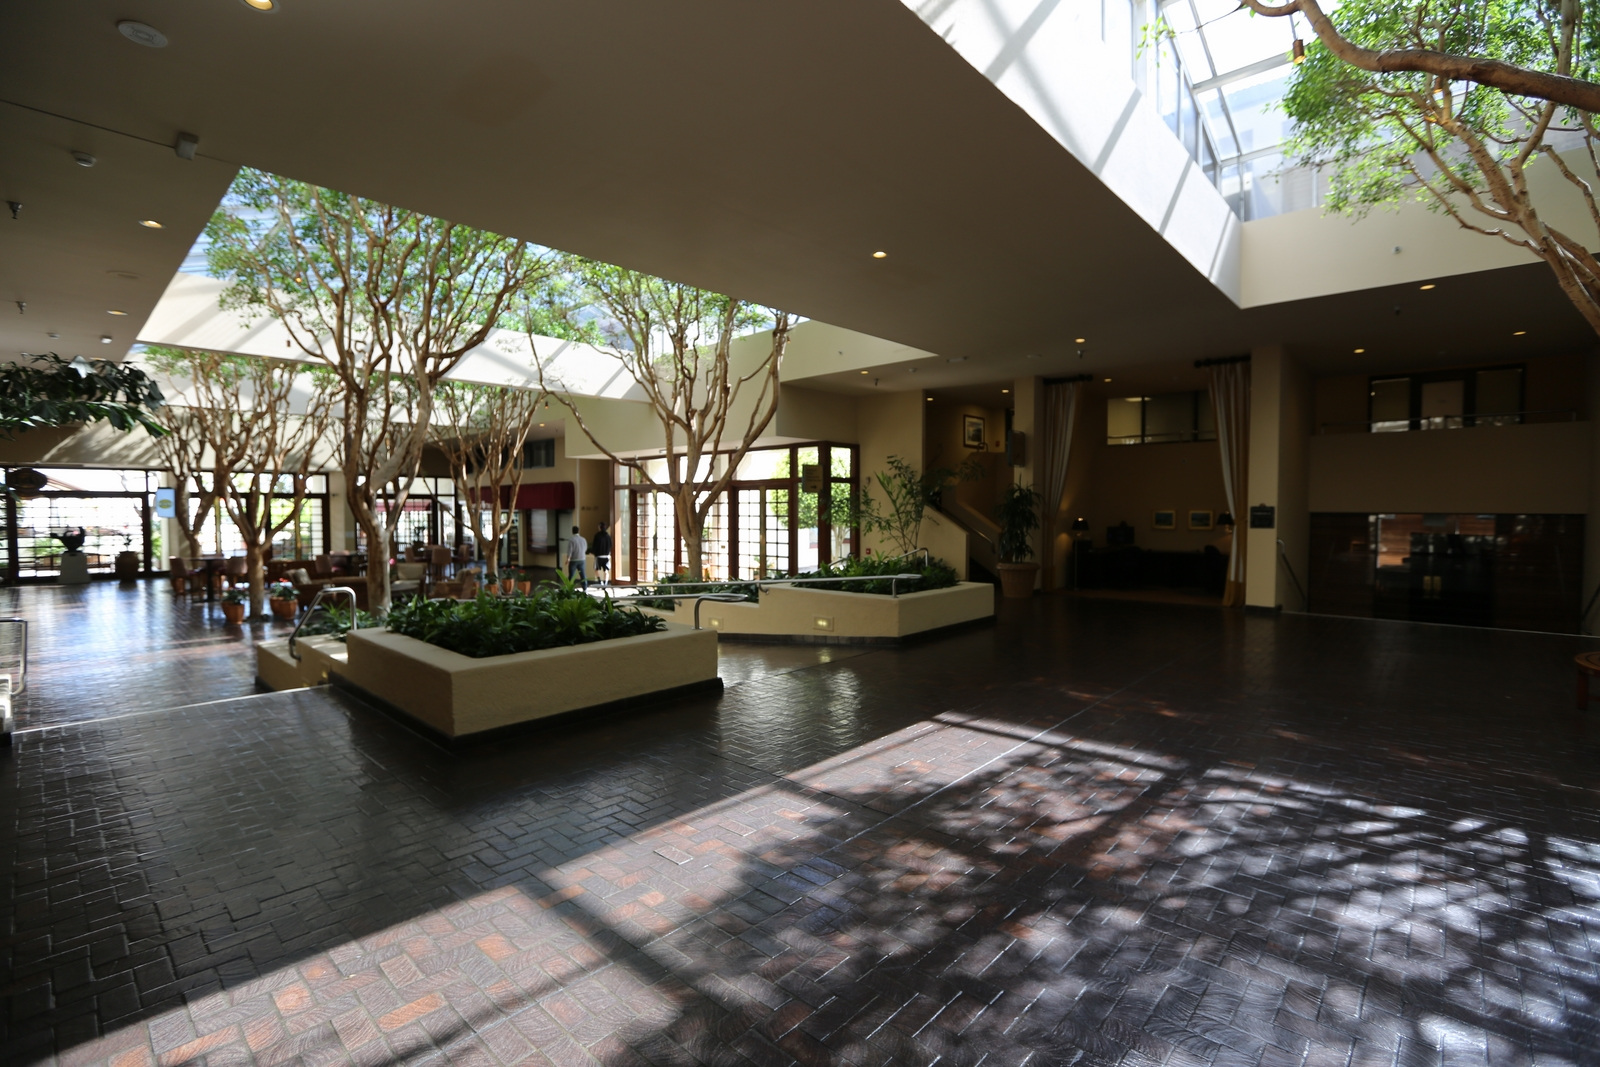 Portola Hotel And Spa Monterey California